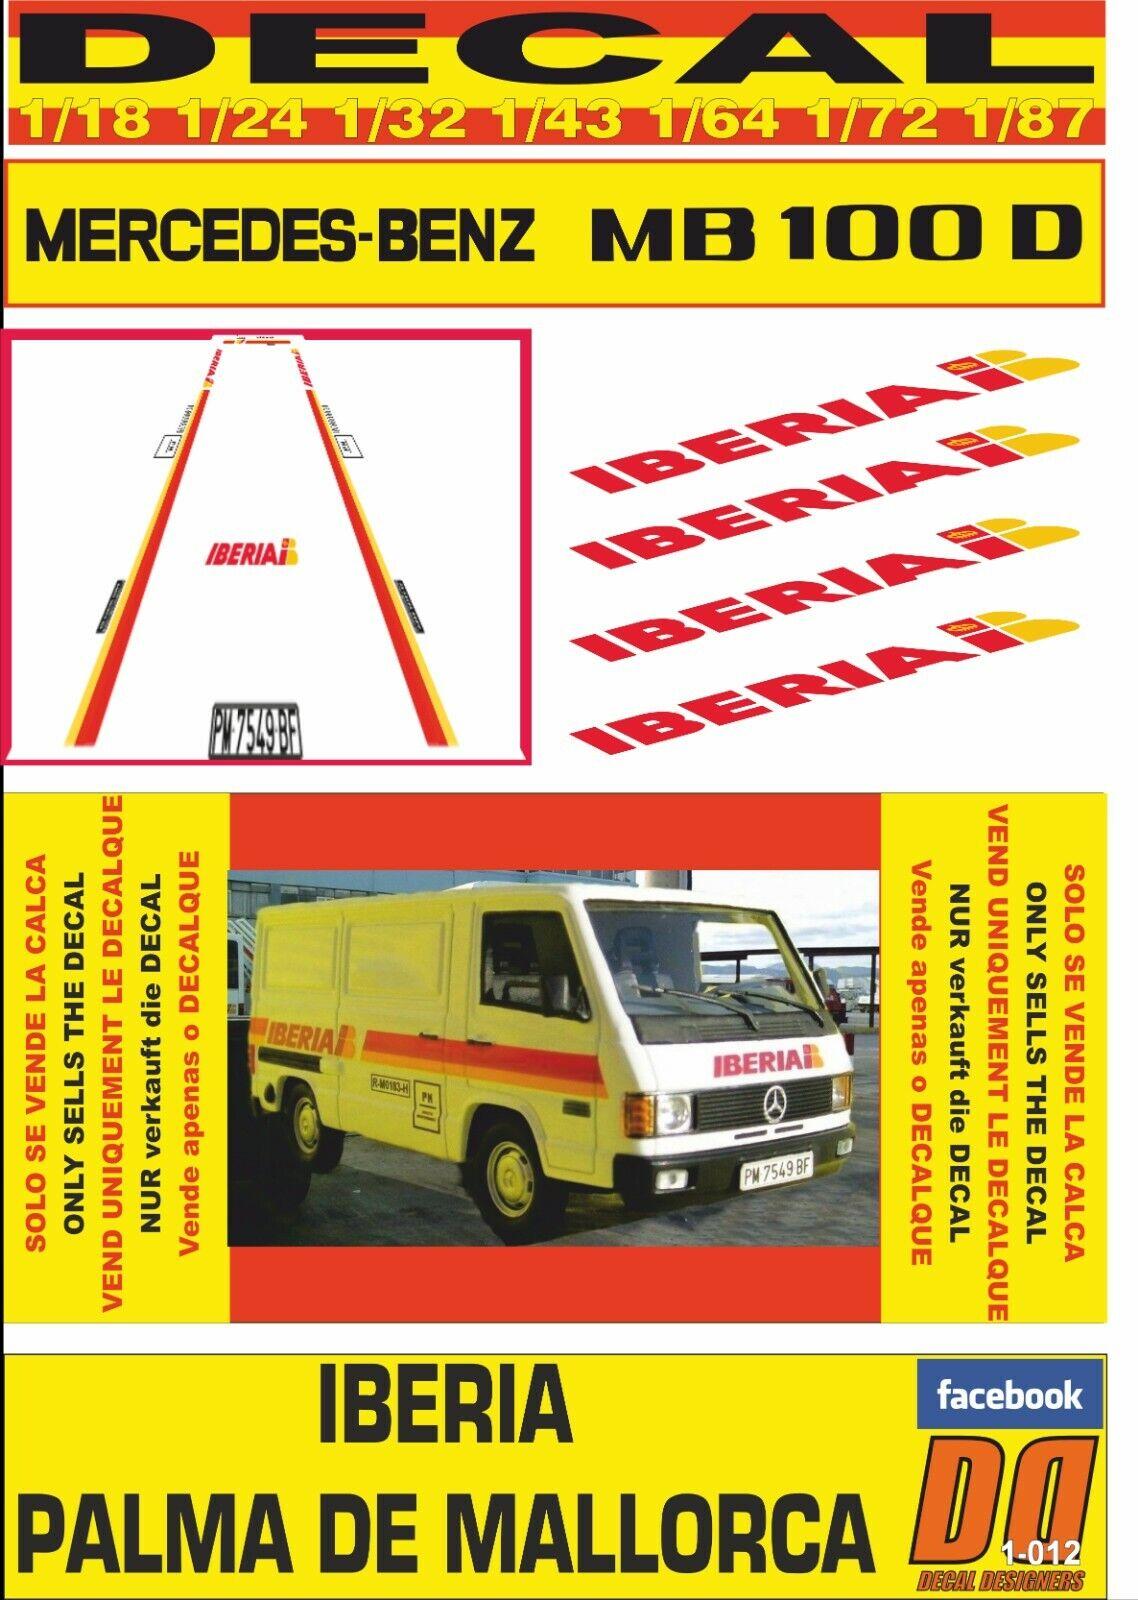 DECAL MERCEDES MB 100 D D D IBERIA PALMA DE MALLORCA (03) 083ad7